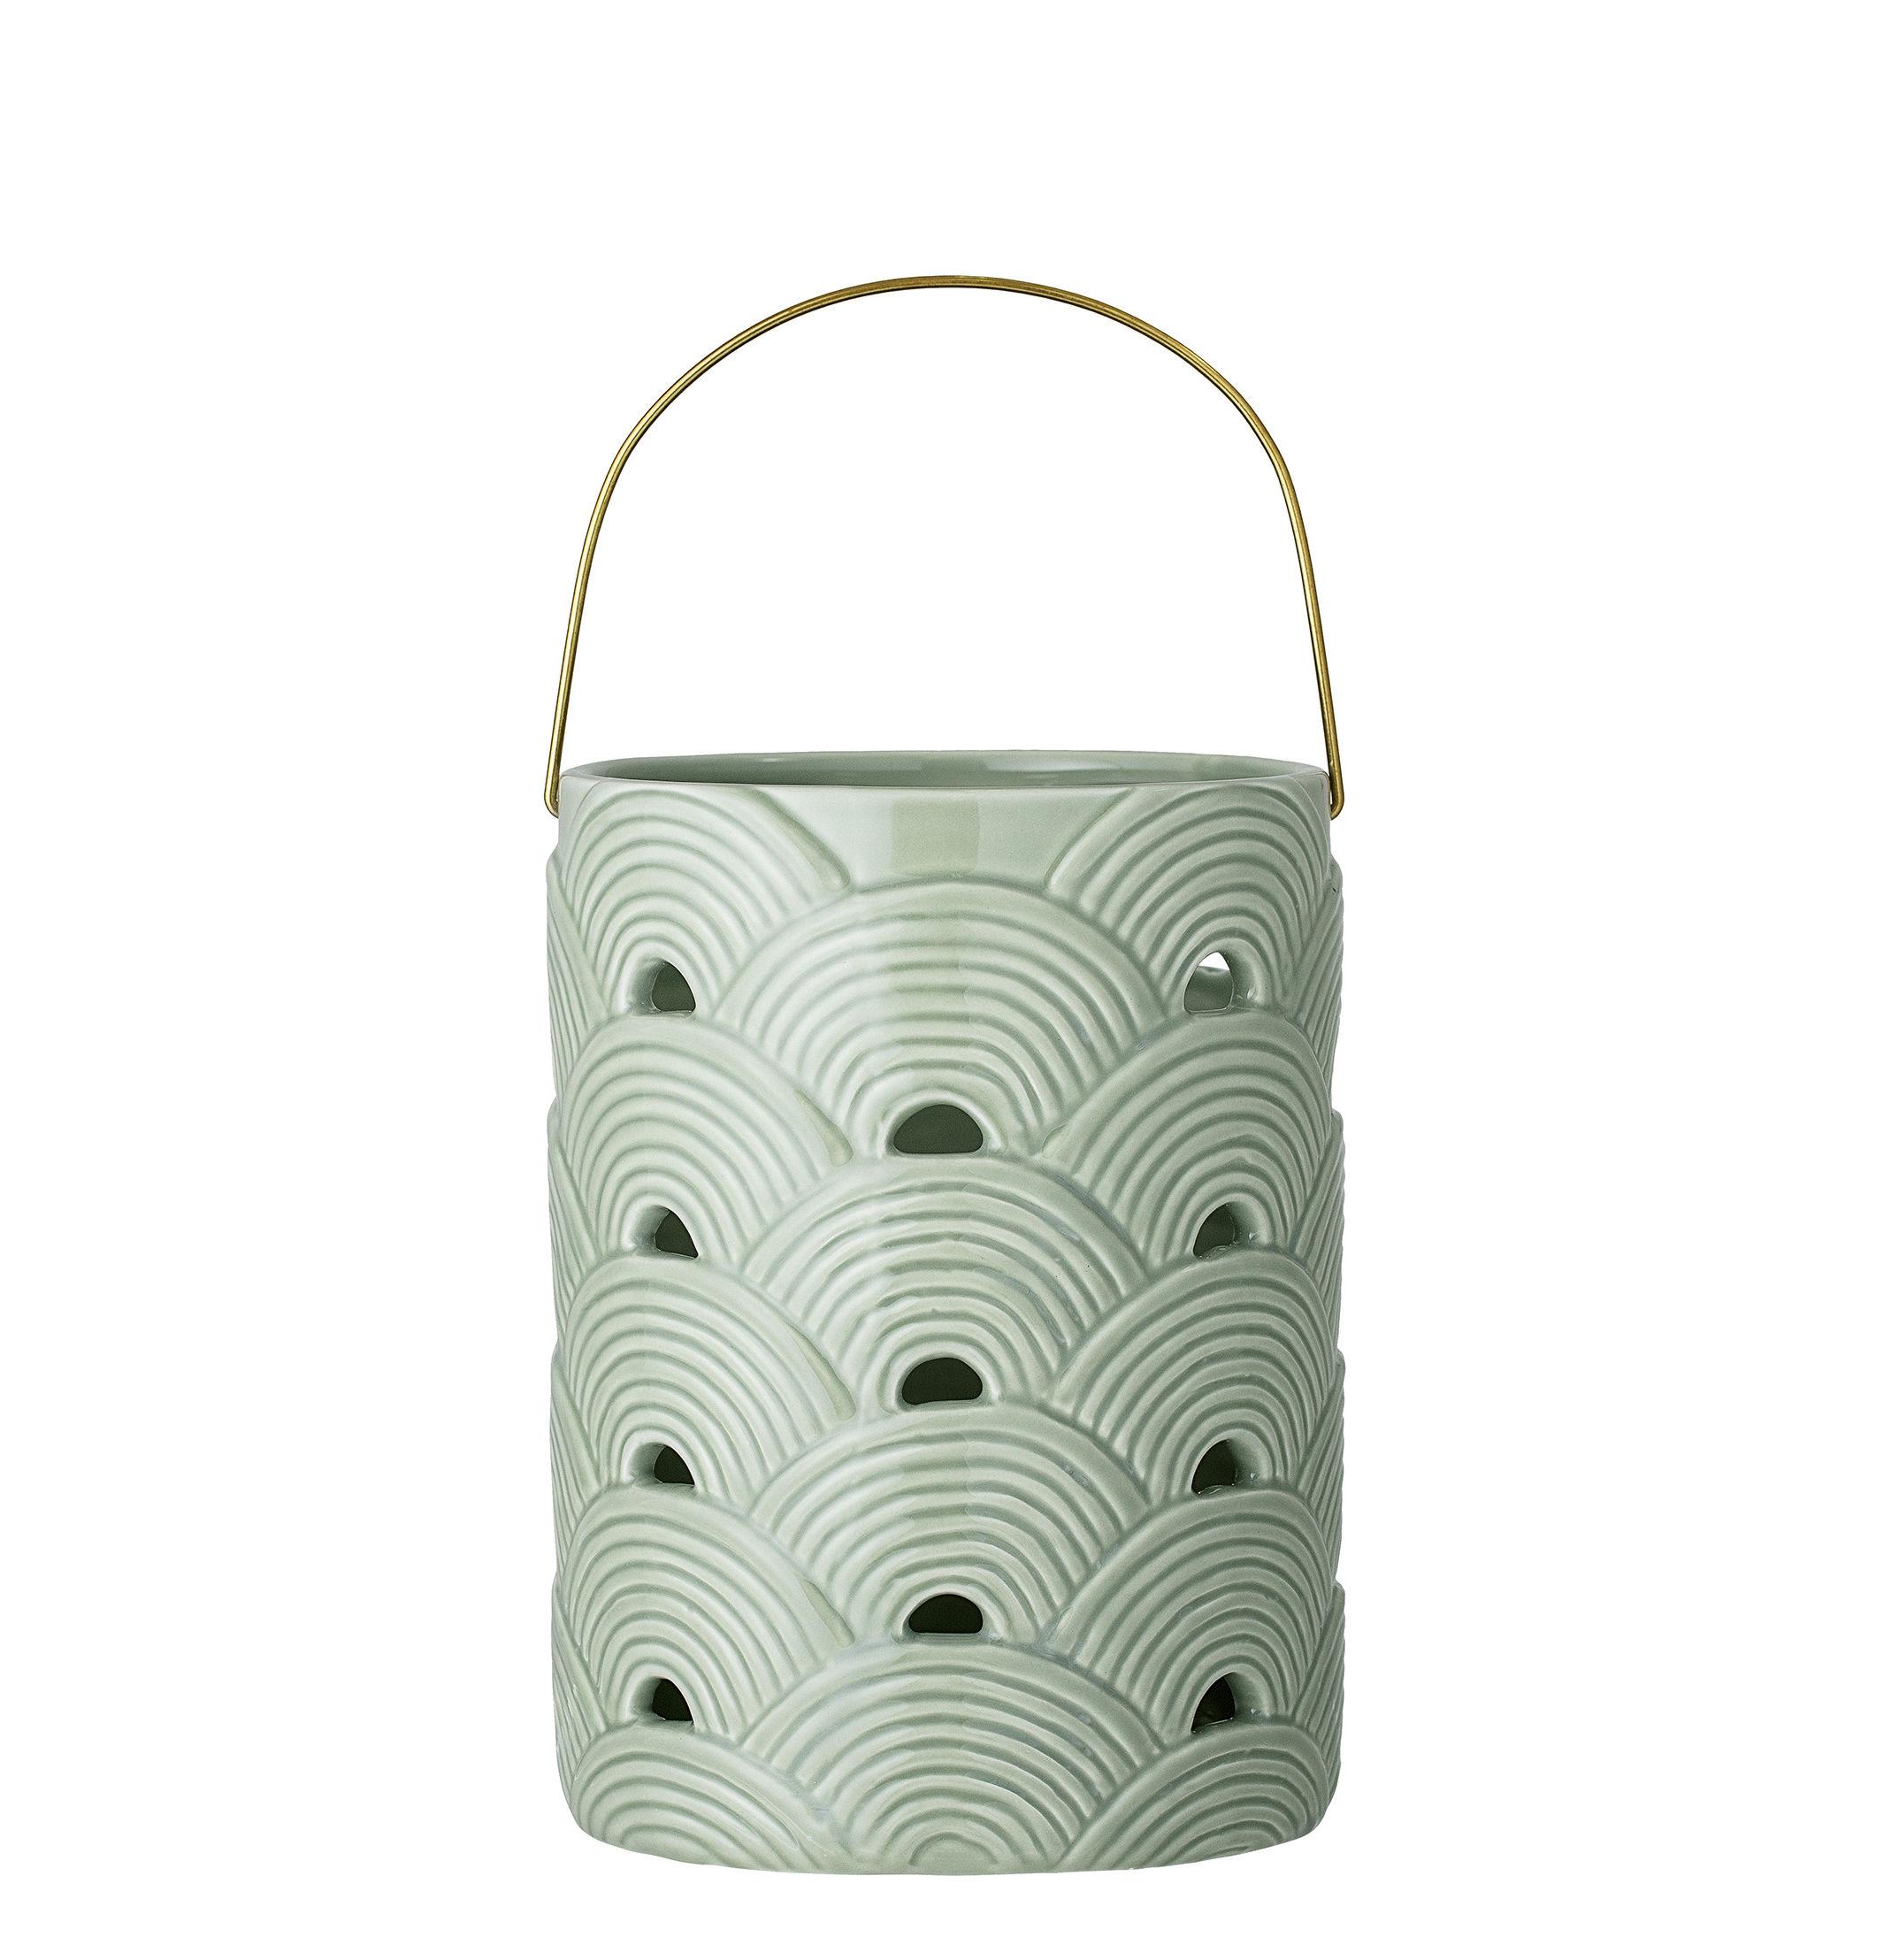 Déco - Bougeoirs, photophores - Lanterne / Céramique - Ø 15 x H 20 cm - Bloomingville - Vert & or - Céramique, Métal